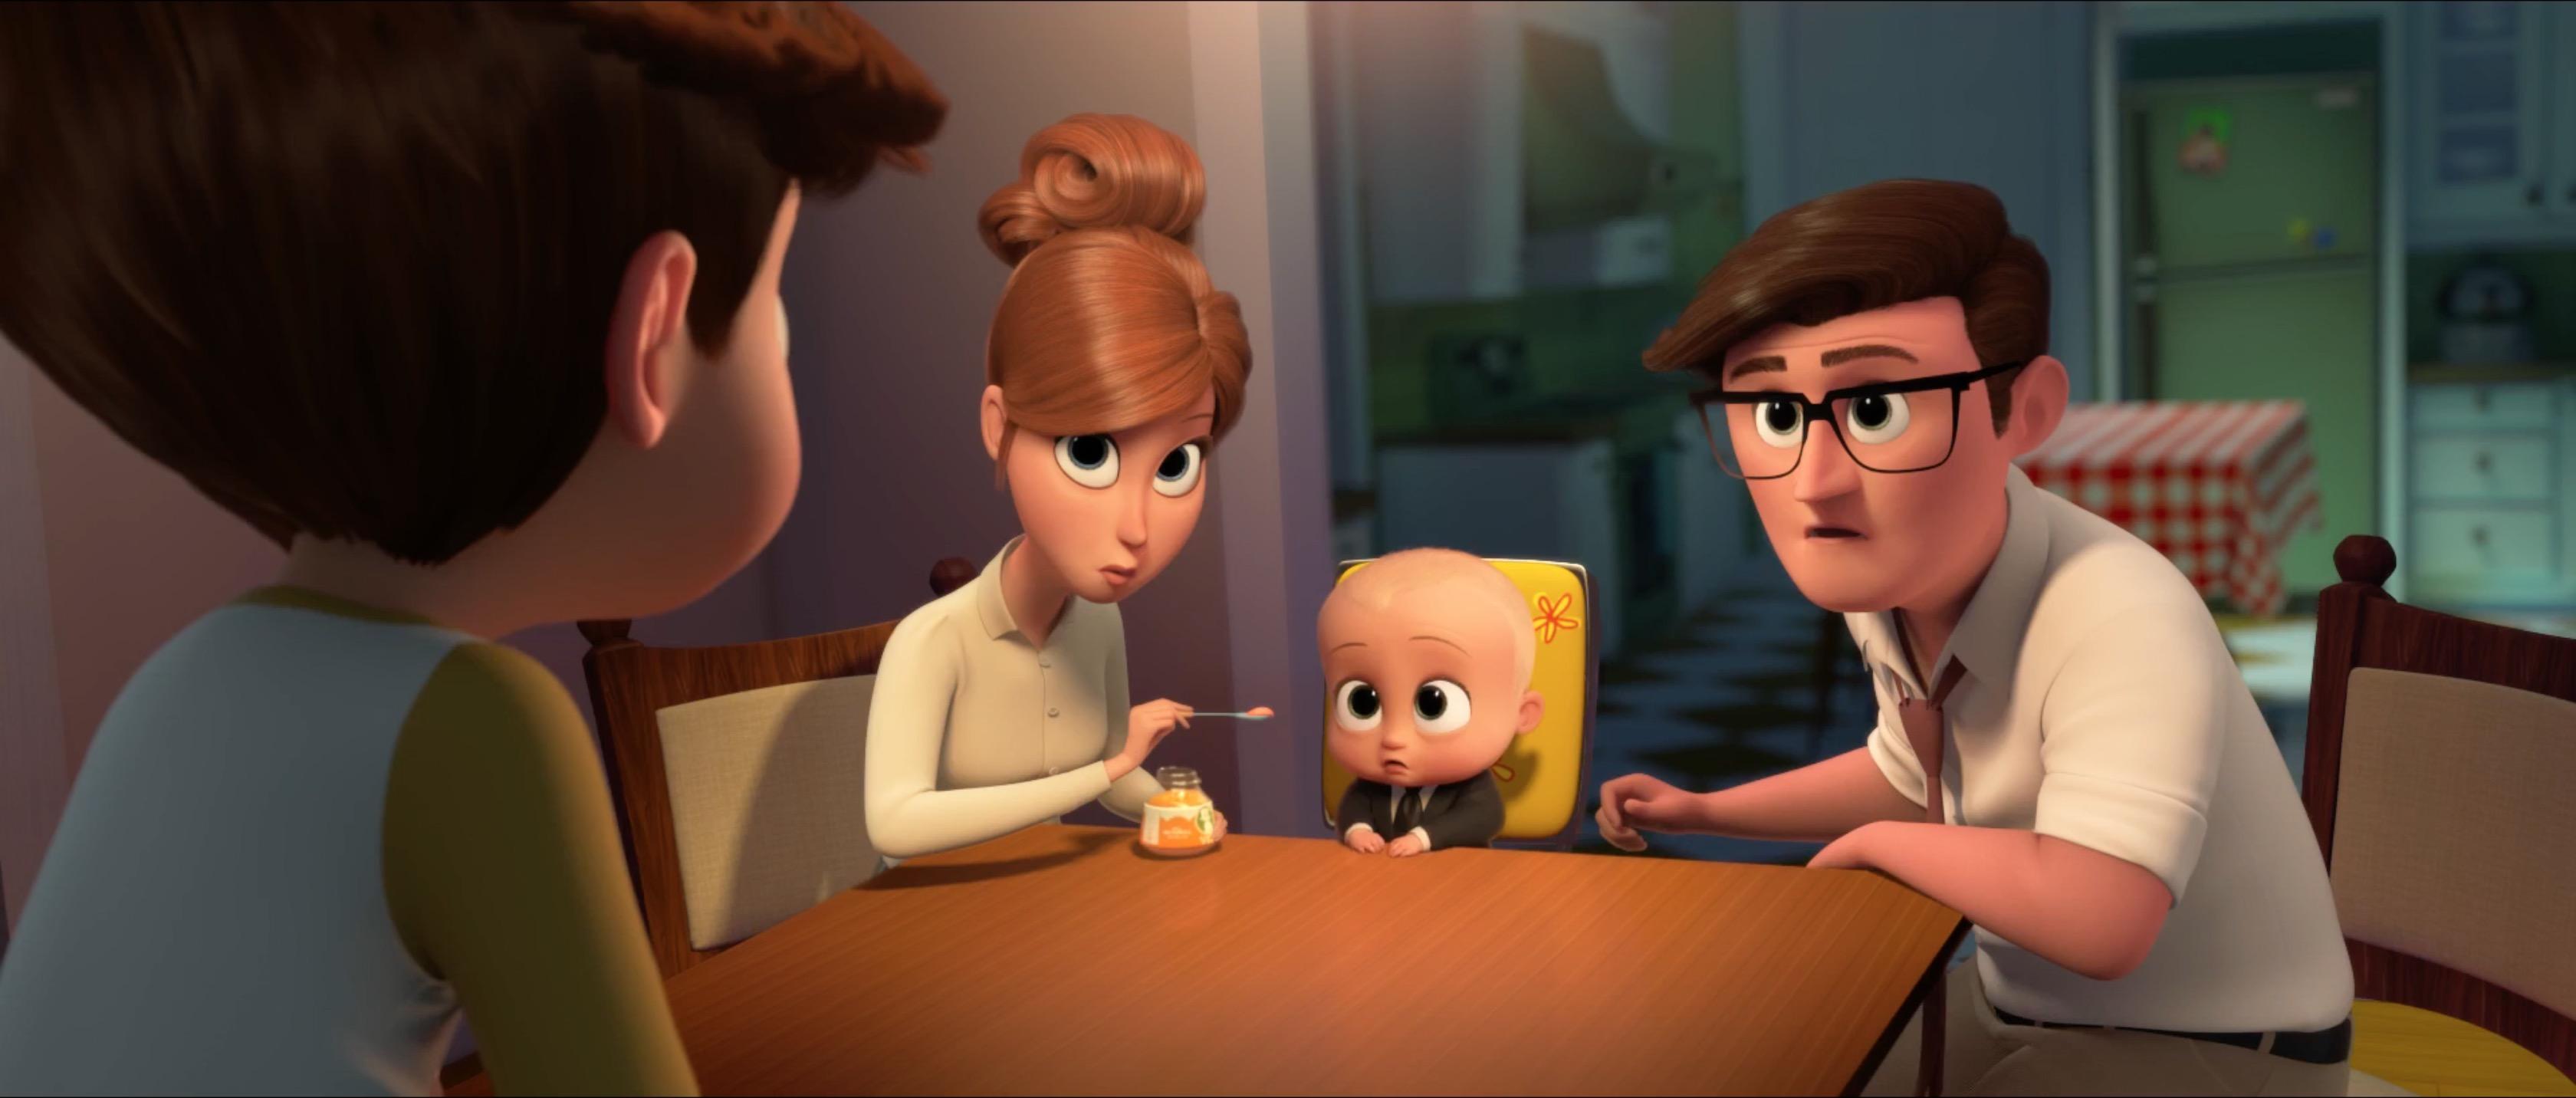 Kết quả hình ảnh cho the baby boss movie